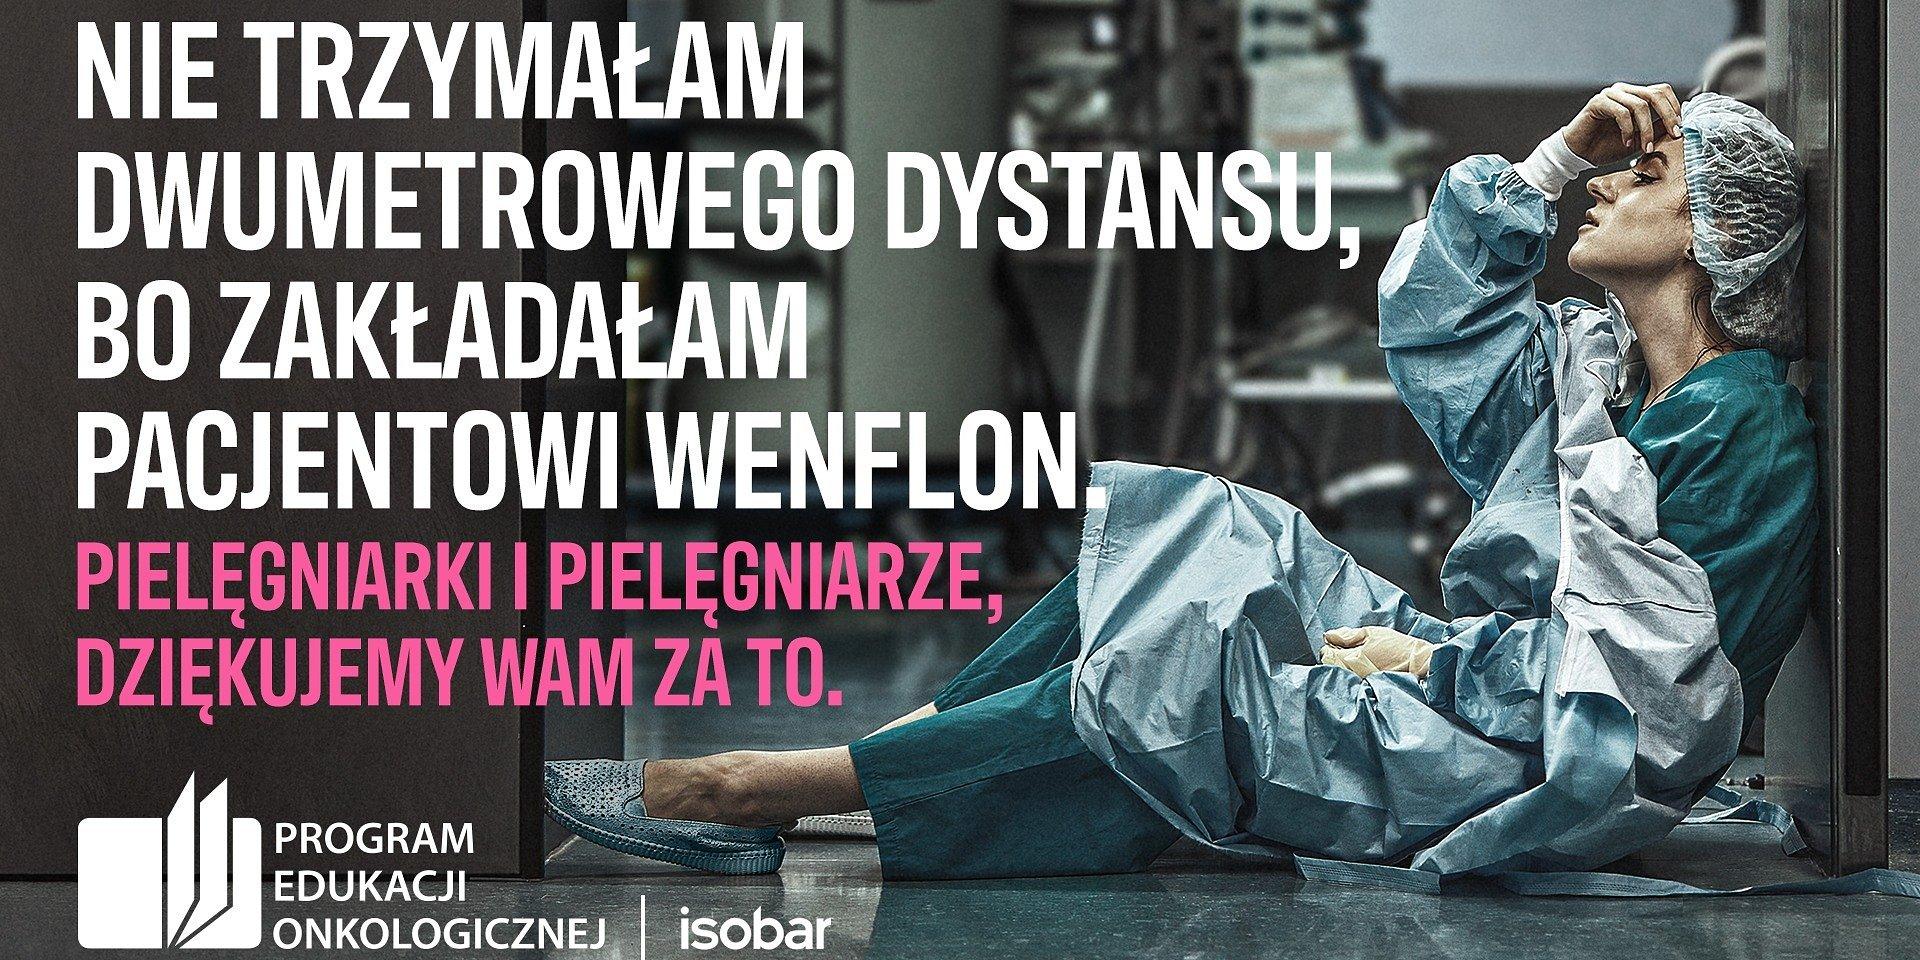 NIE #ZOSTAŁAMWDOMU - Isobar Polska wraz ze Screen Network z miesięczną kampanią OOH dla Programu Edukacji Onkologicznej